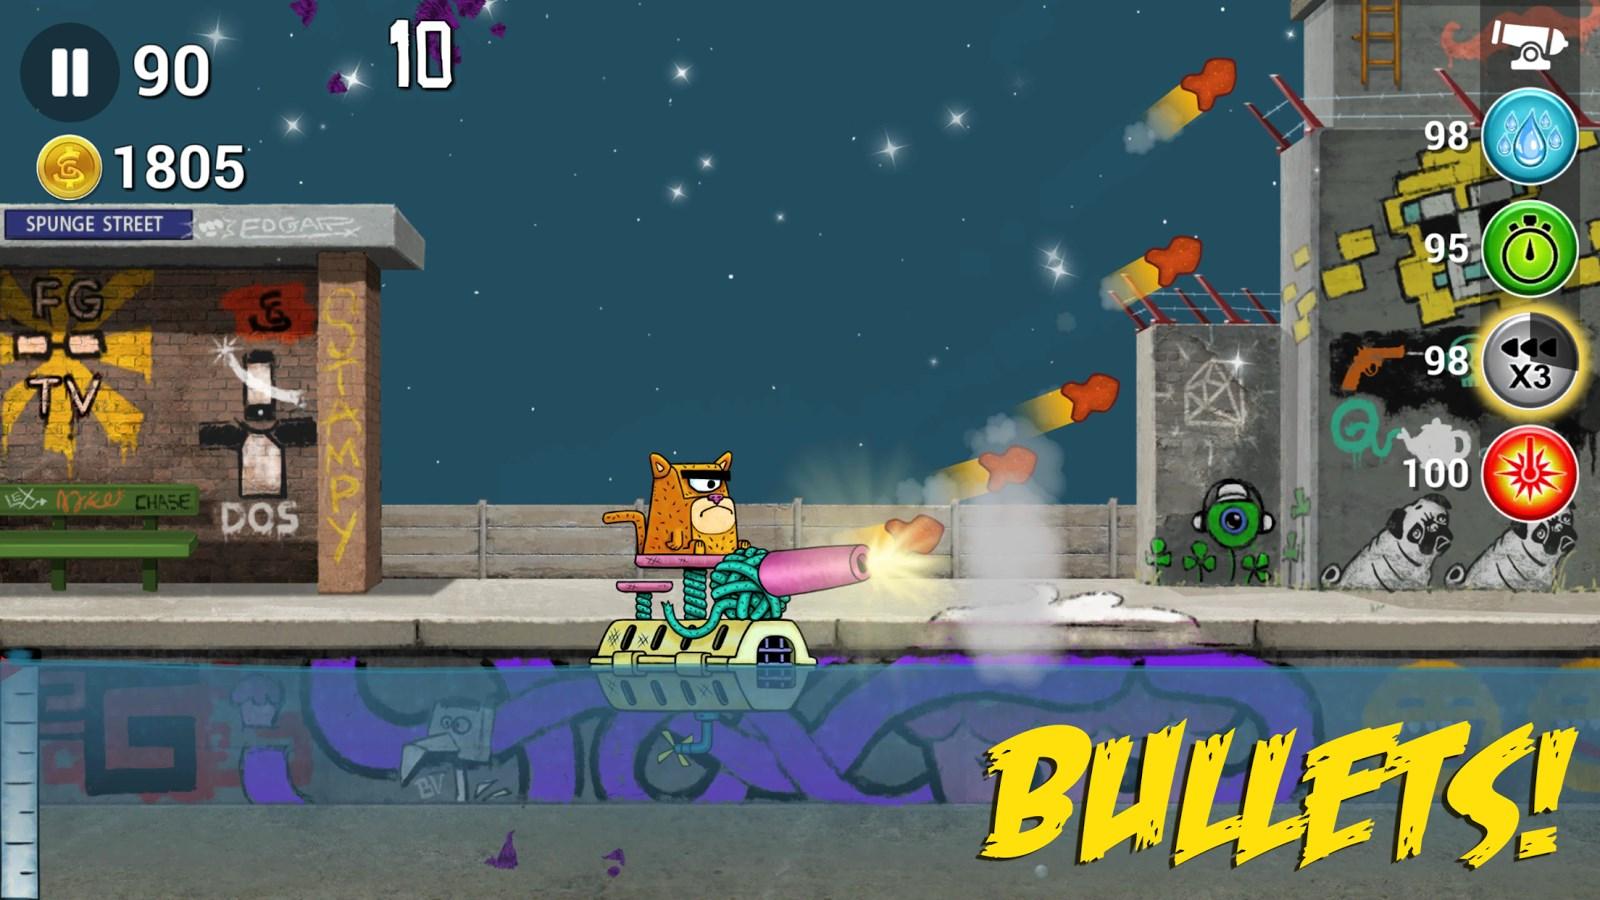 Spunge Invaders - Imagem 1 do software